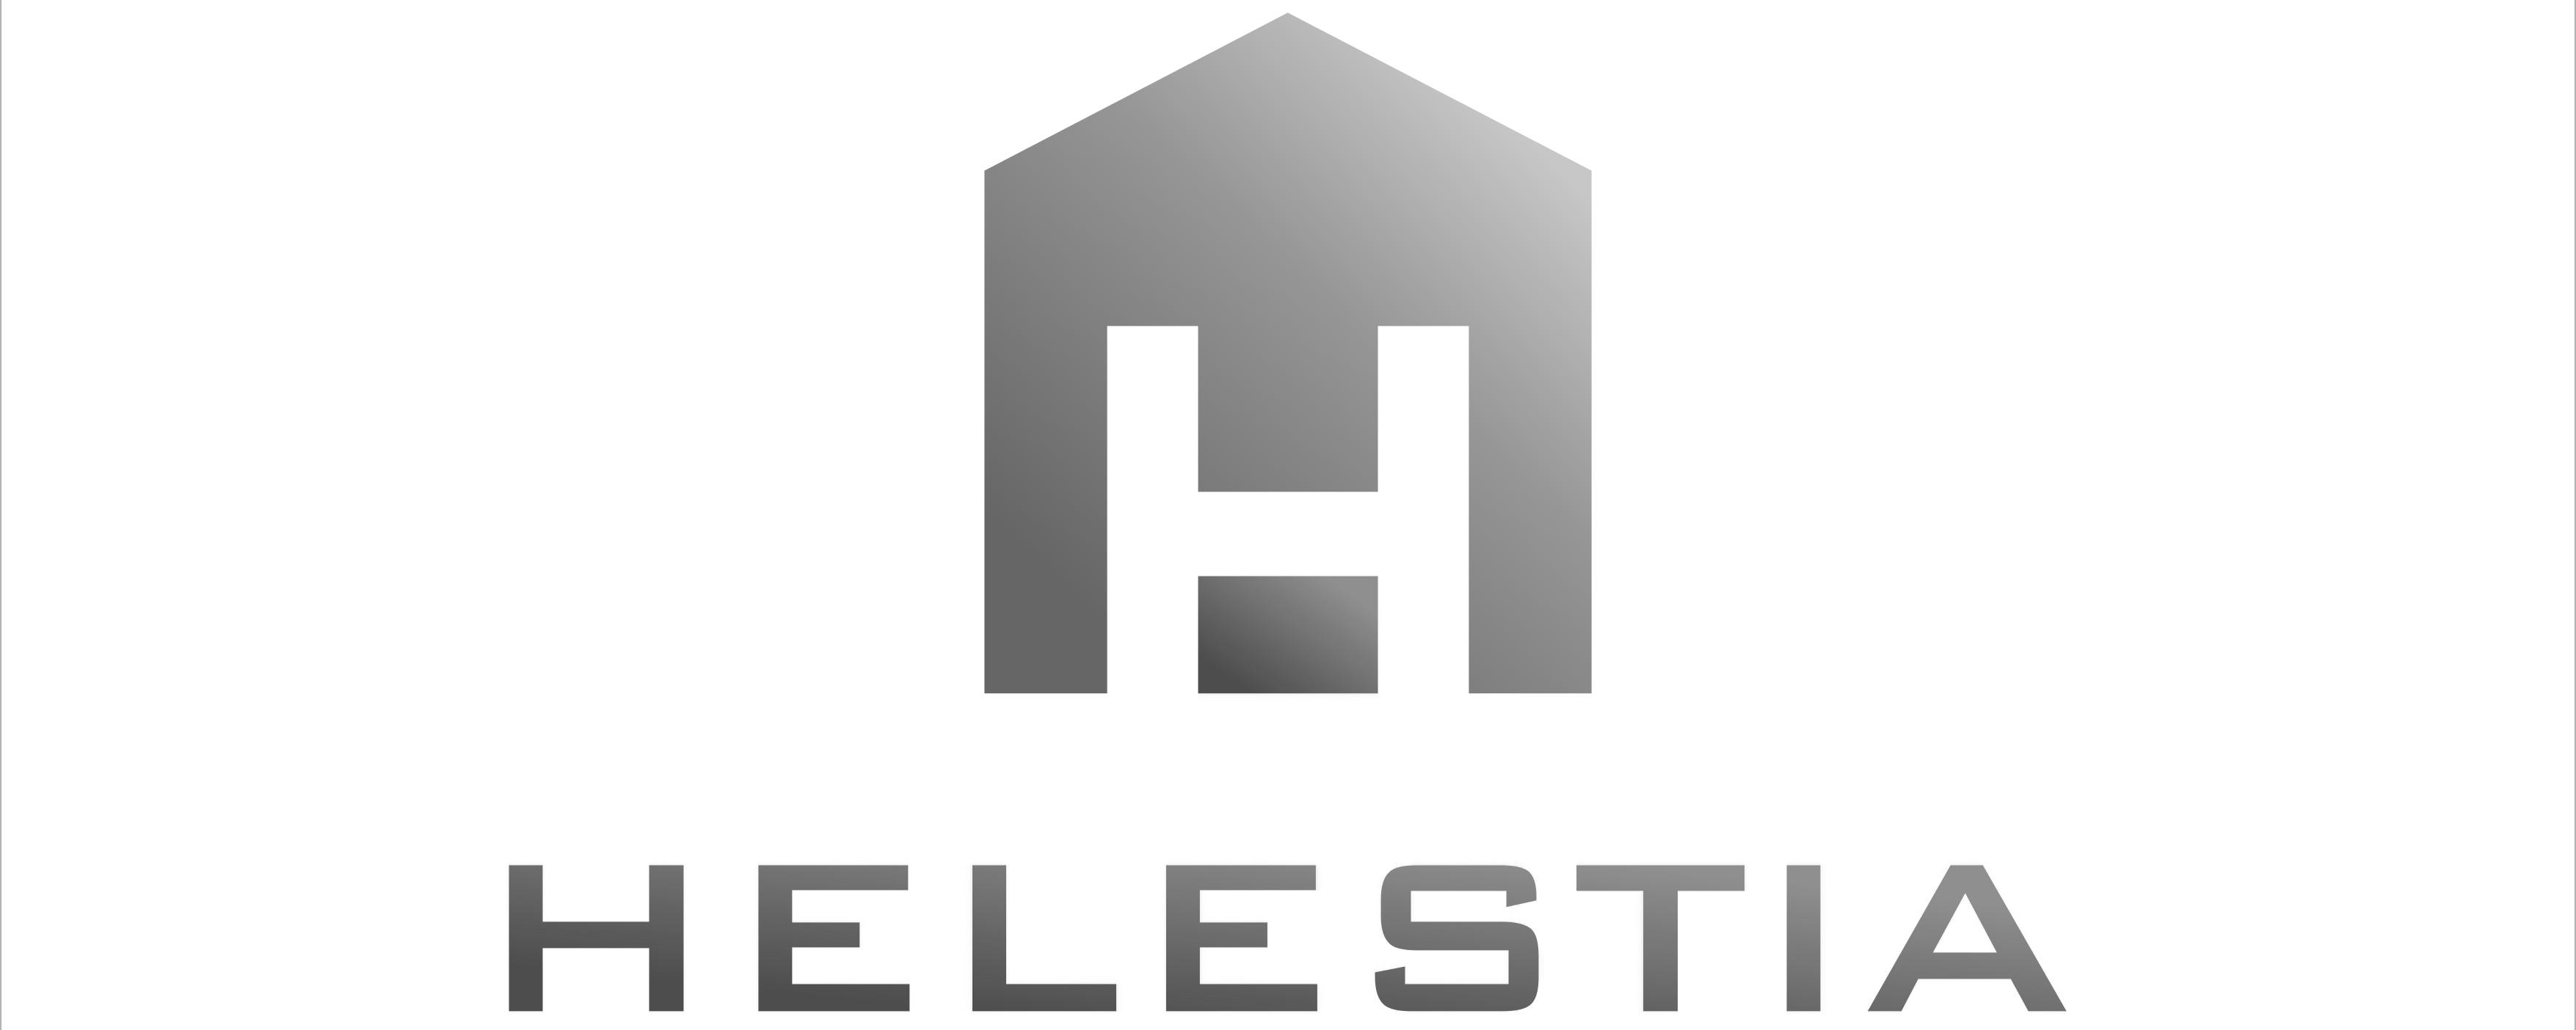 Helestia